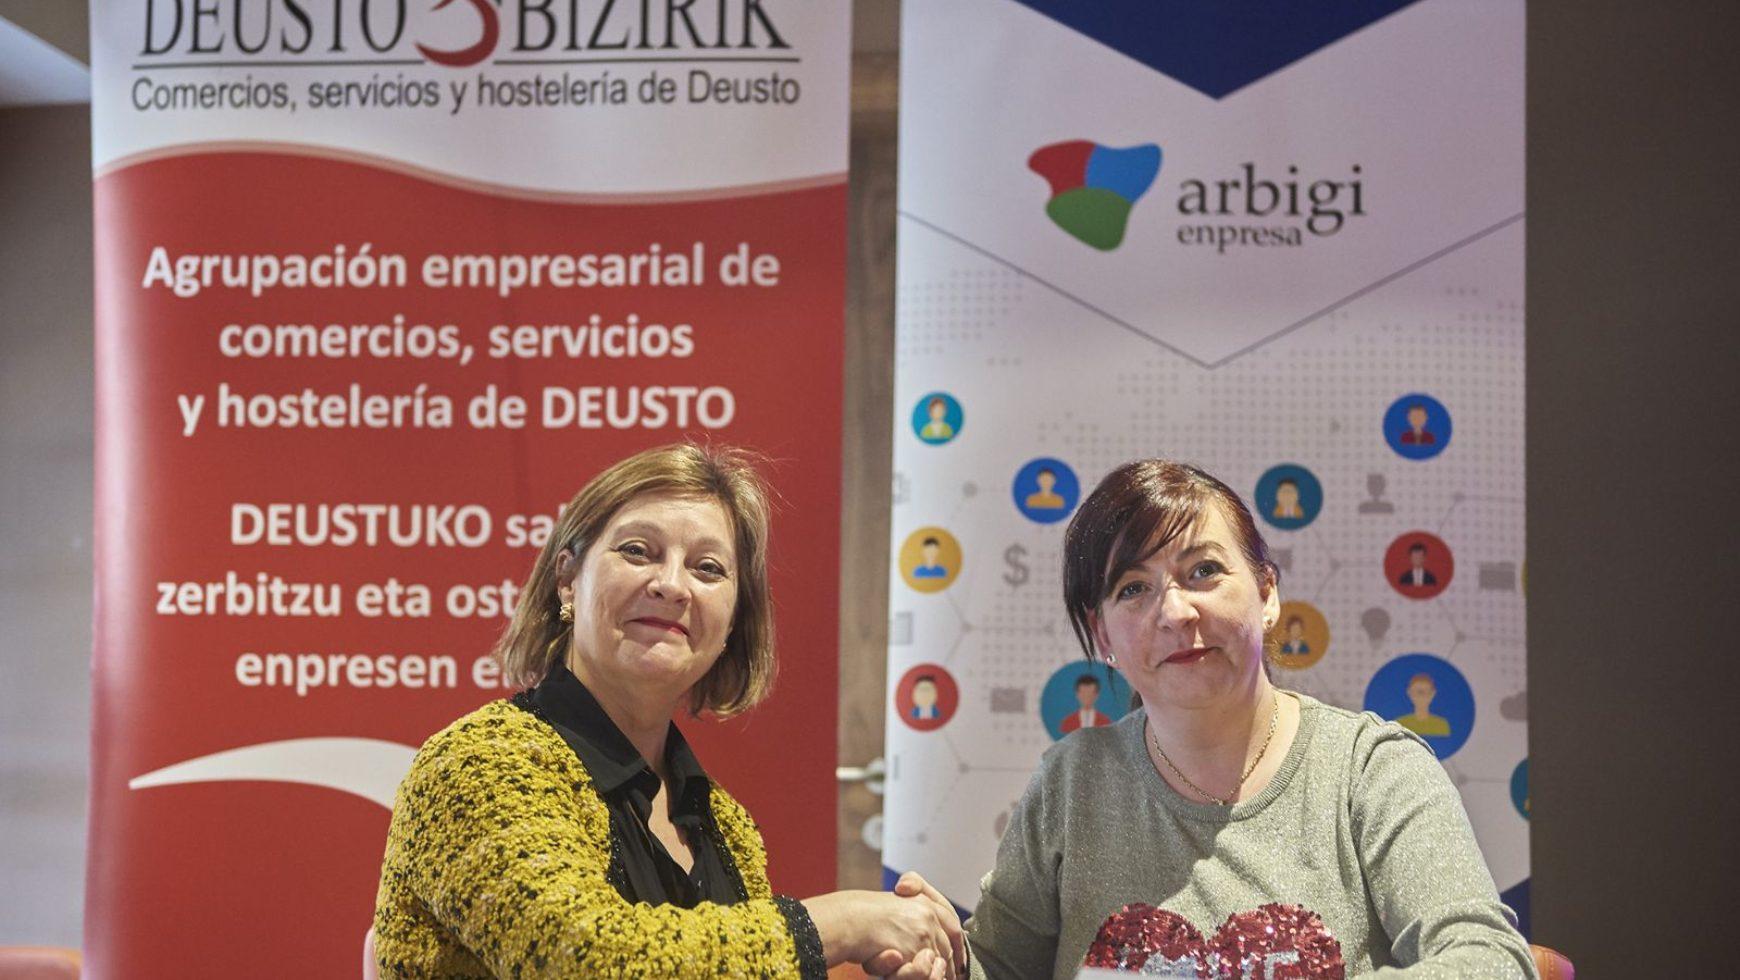 Arbigi y Deusto Bizirik firman un acuerdo de colaboración